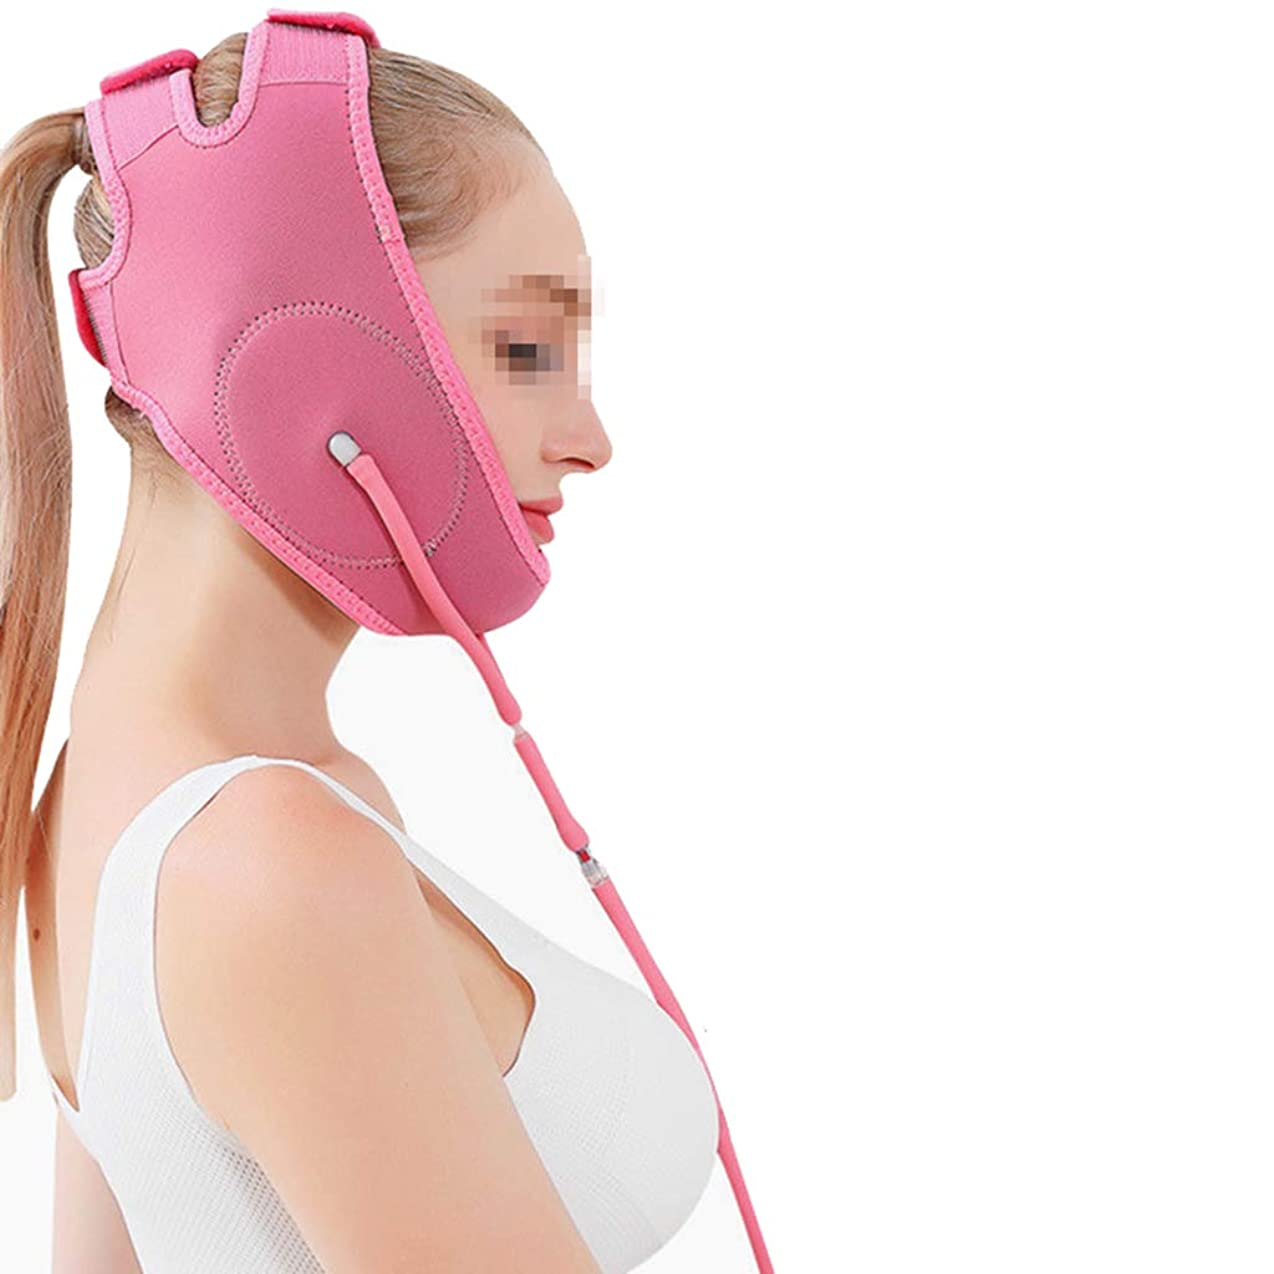 雑多なワイプ援助XHLMRMJ 空気圧薄いフェイスベルト、マスク小さなVフェイス圧力リフティングシェーピングかみ傷筋肉引き締めパターン二重あご包帯薄いフェイス包帯マルチカラーオプション (Color : Pink)